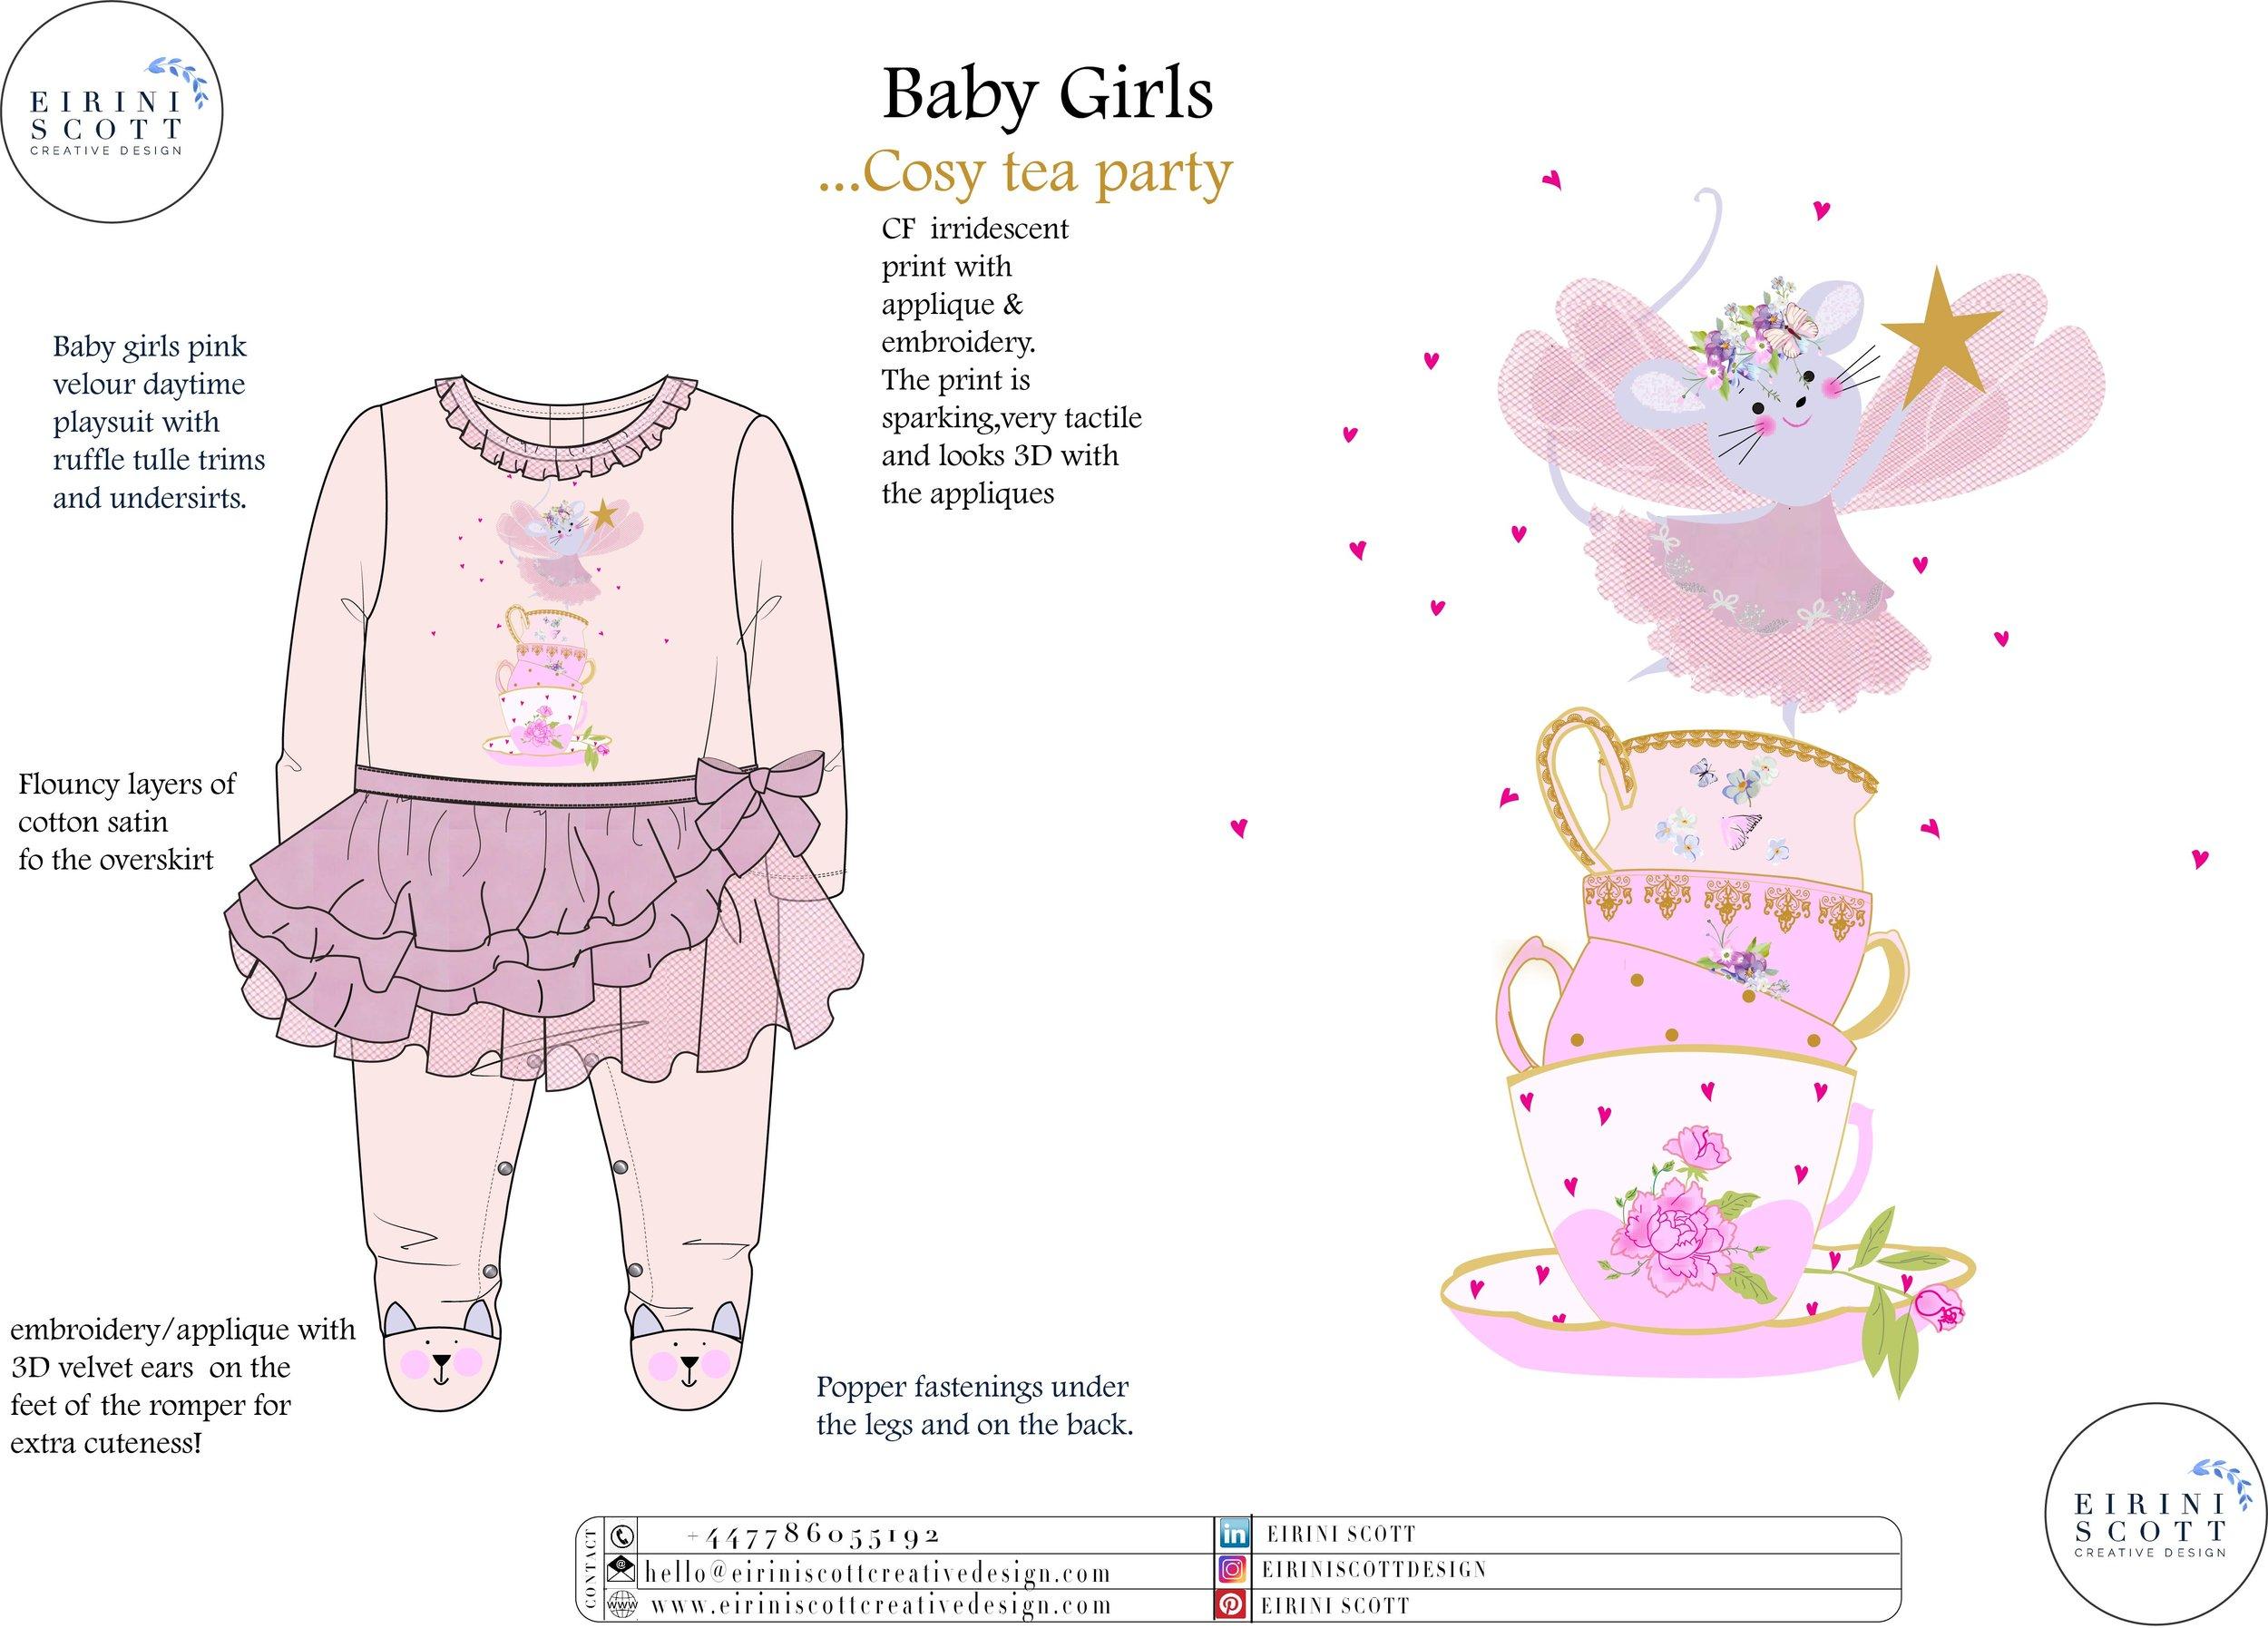 baby girls for website.jpg